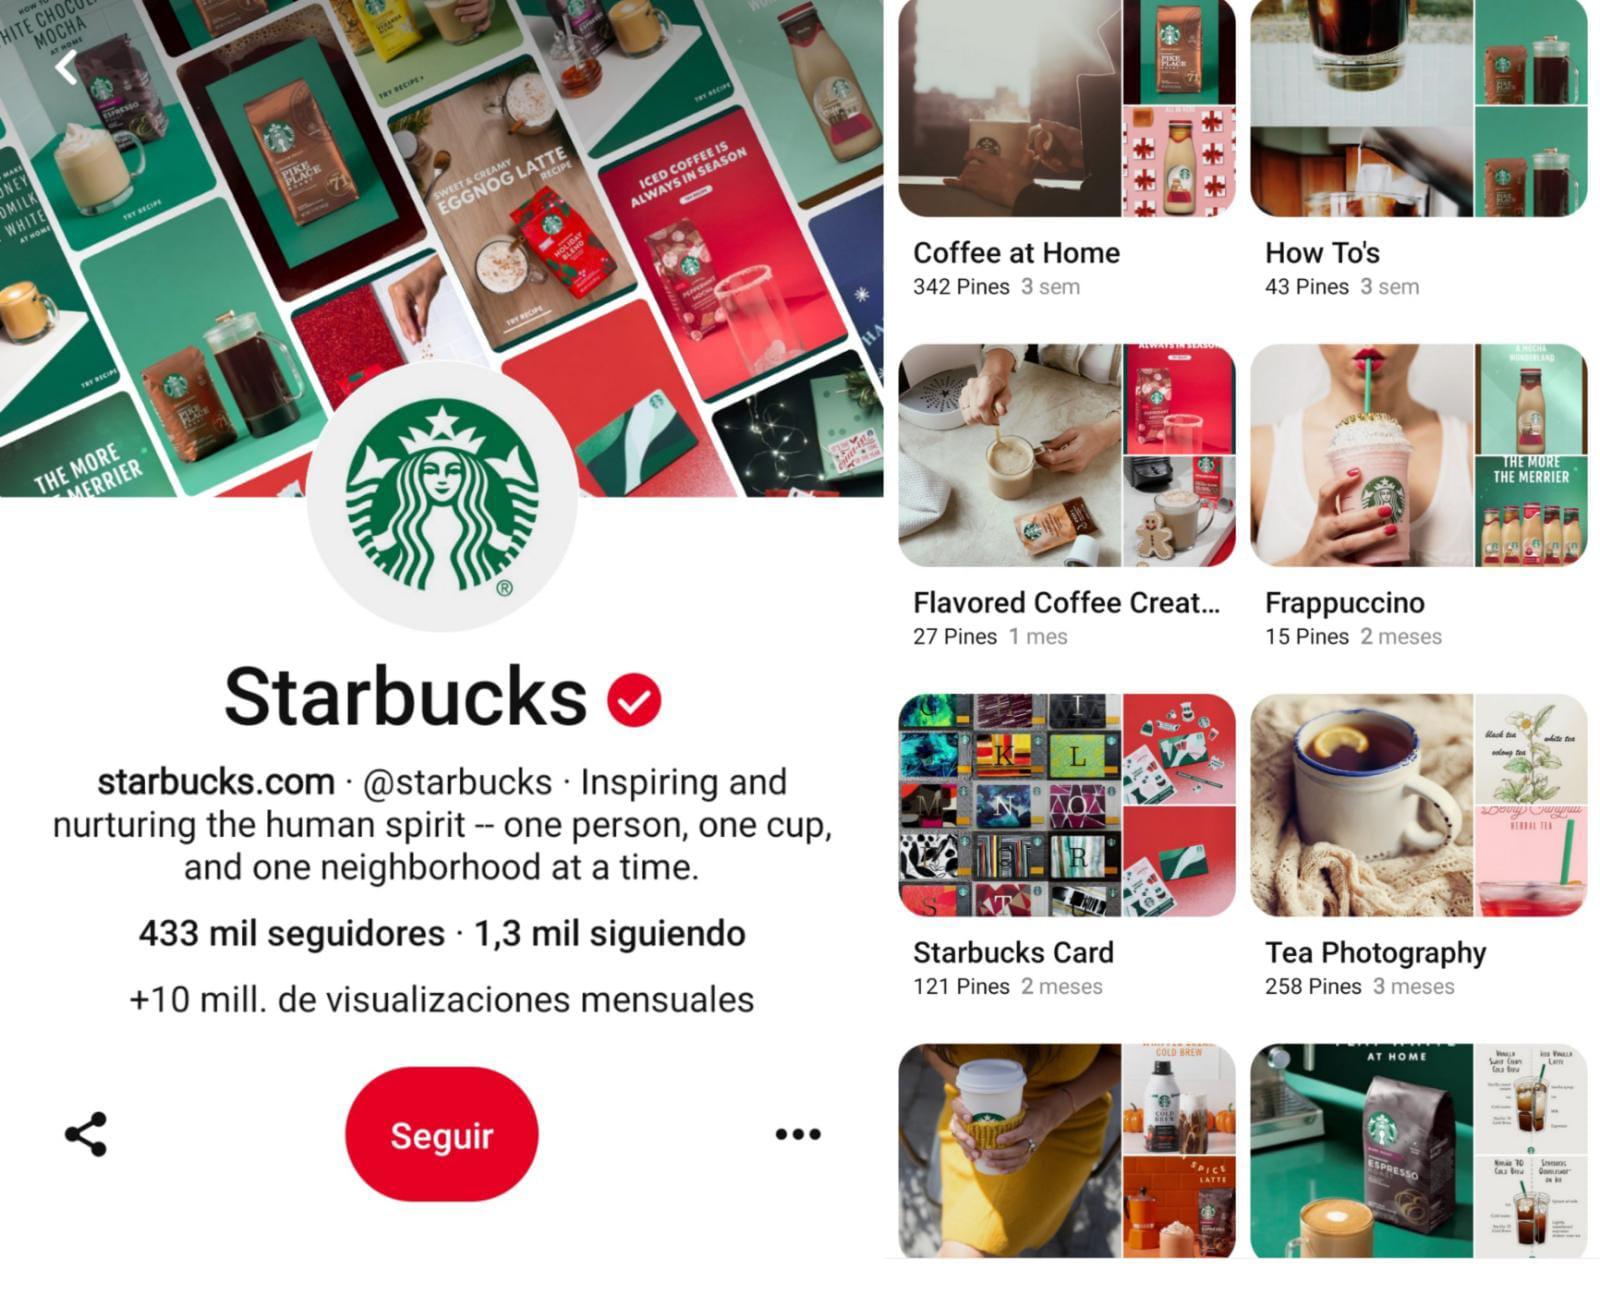 ¿Lo sabes todo acerca de los anuncios de TikTok y Pinterest?